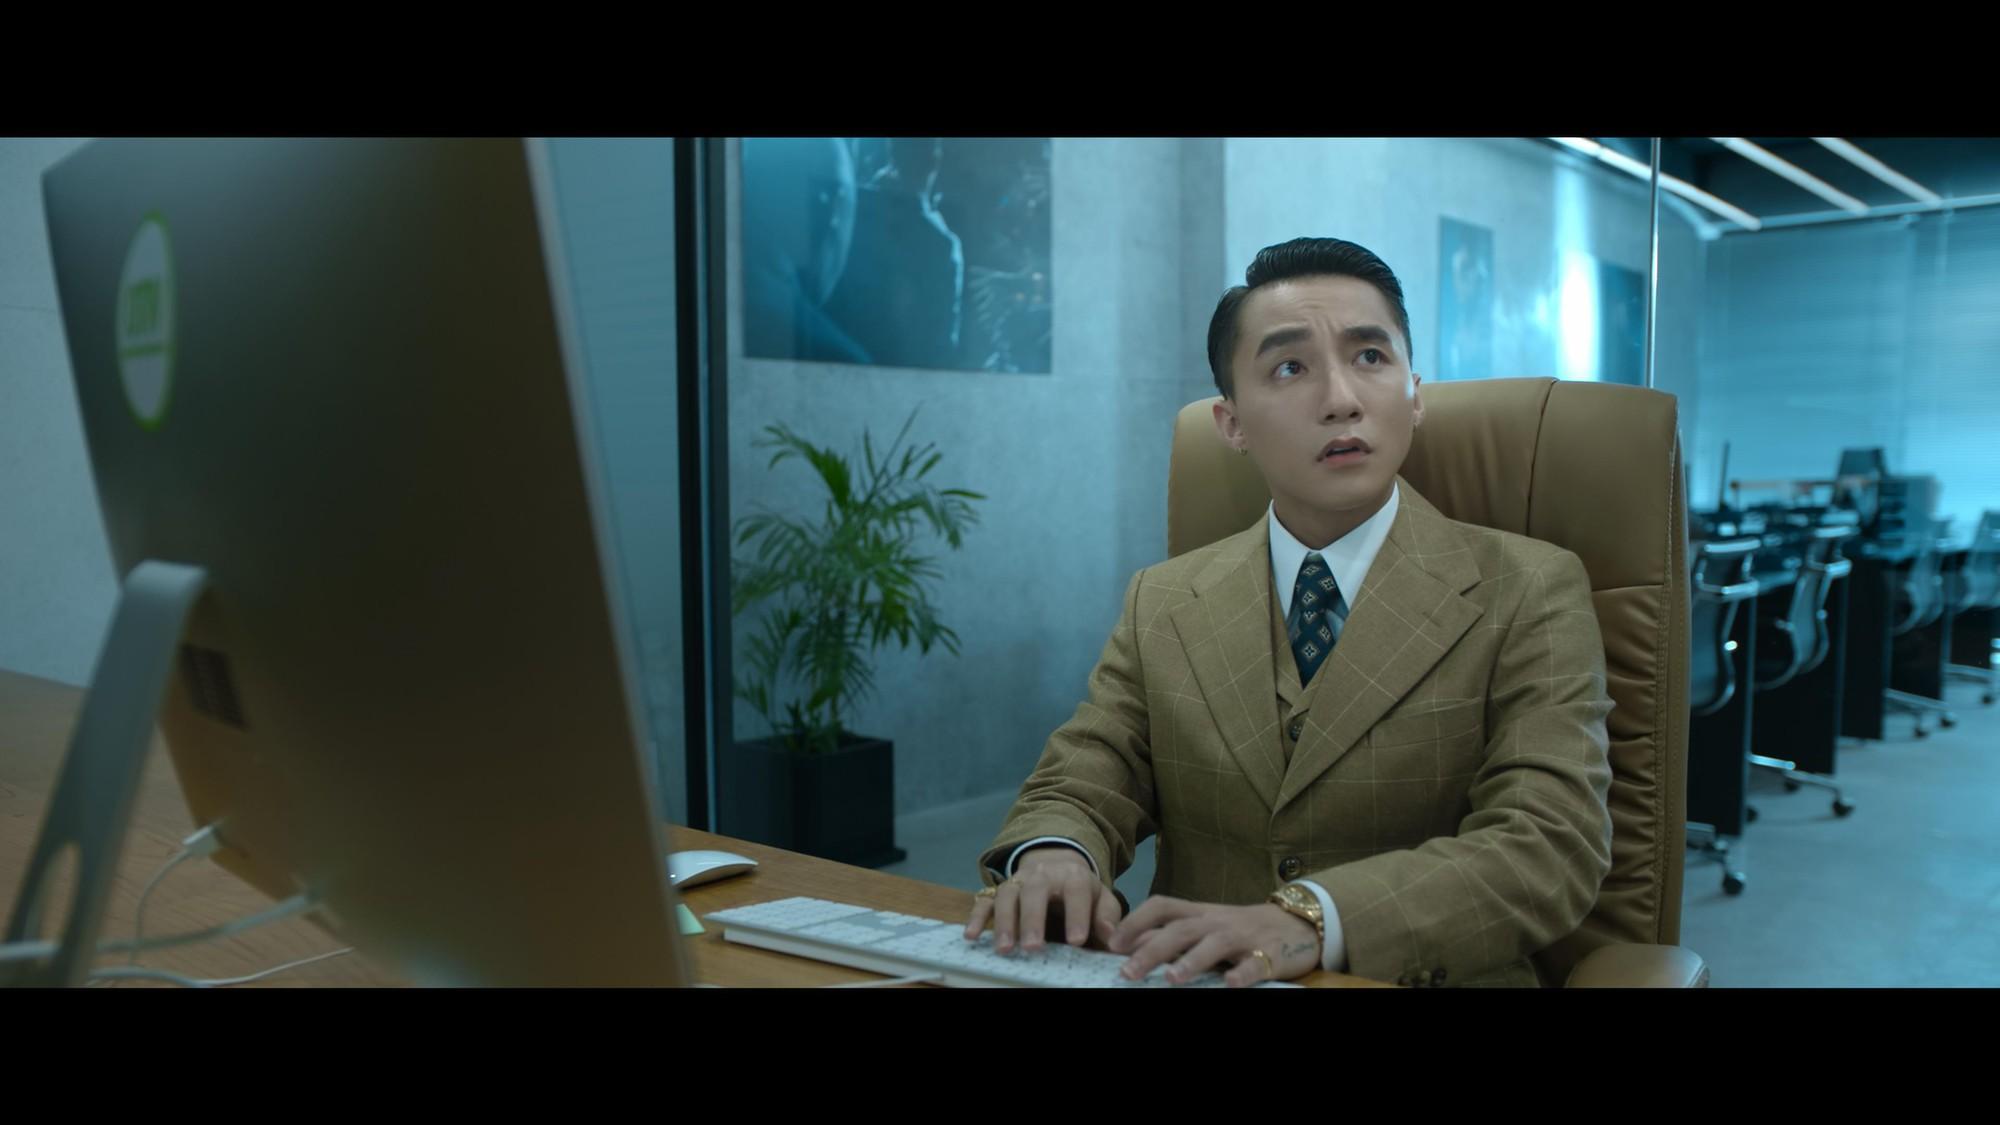 """Sơn Tùng M-TP mang hình ảnh """"Chủ tịch"""" xuất hiện trong đoạn video bí ẩn - Ảnh 2."""